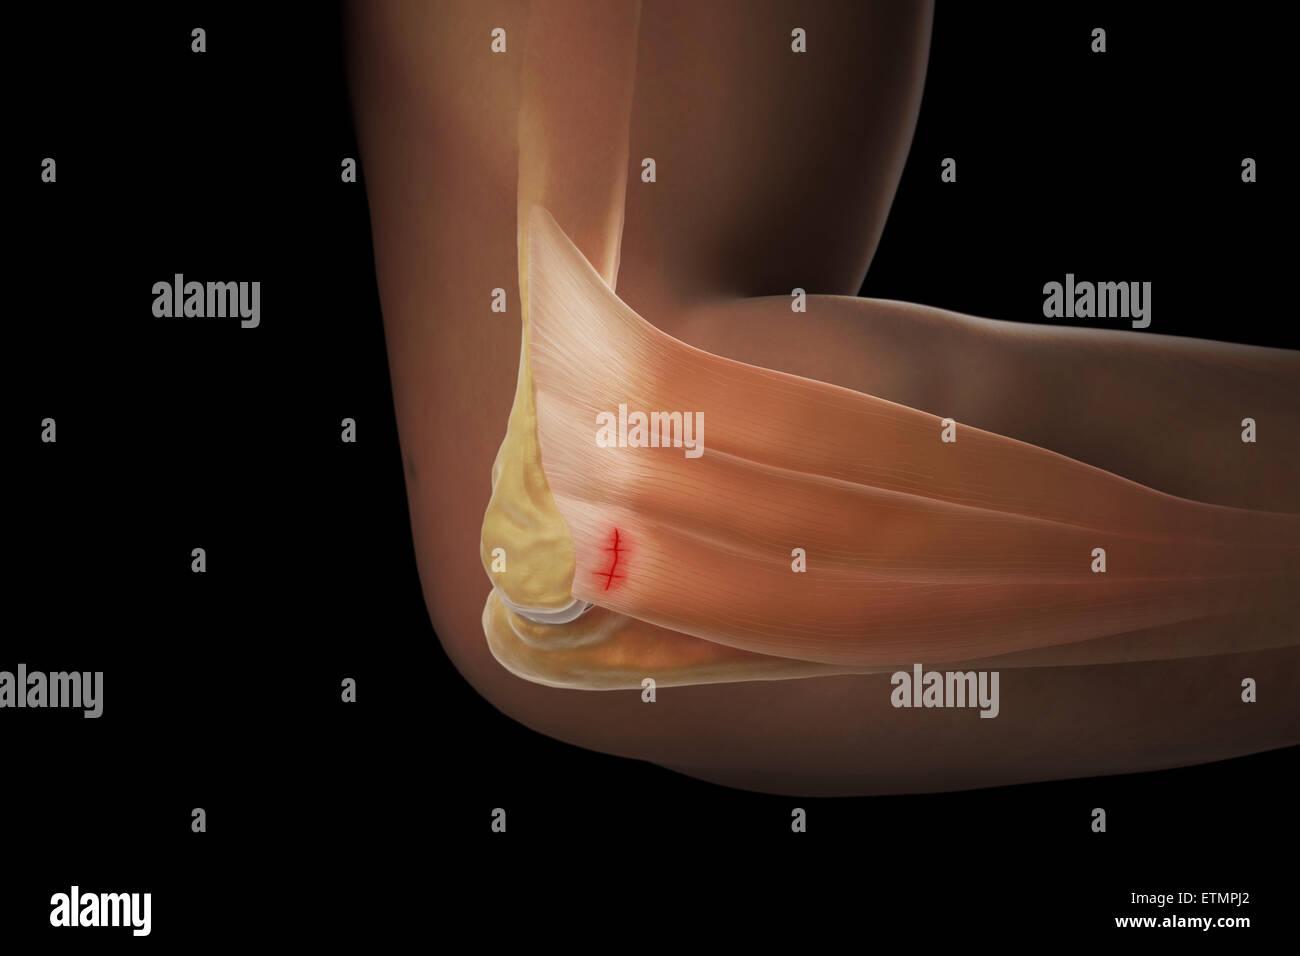 Illustrazione del braccio con la pelle trasparente per mostrare lesioni al laterale tendine epicondyle, noto come Immagini Stock